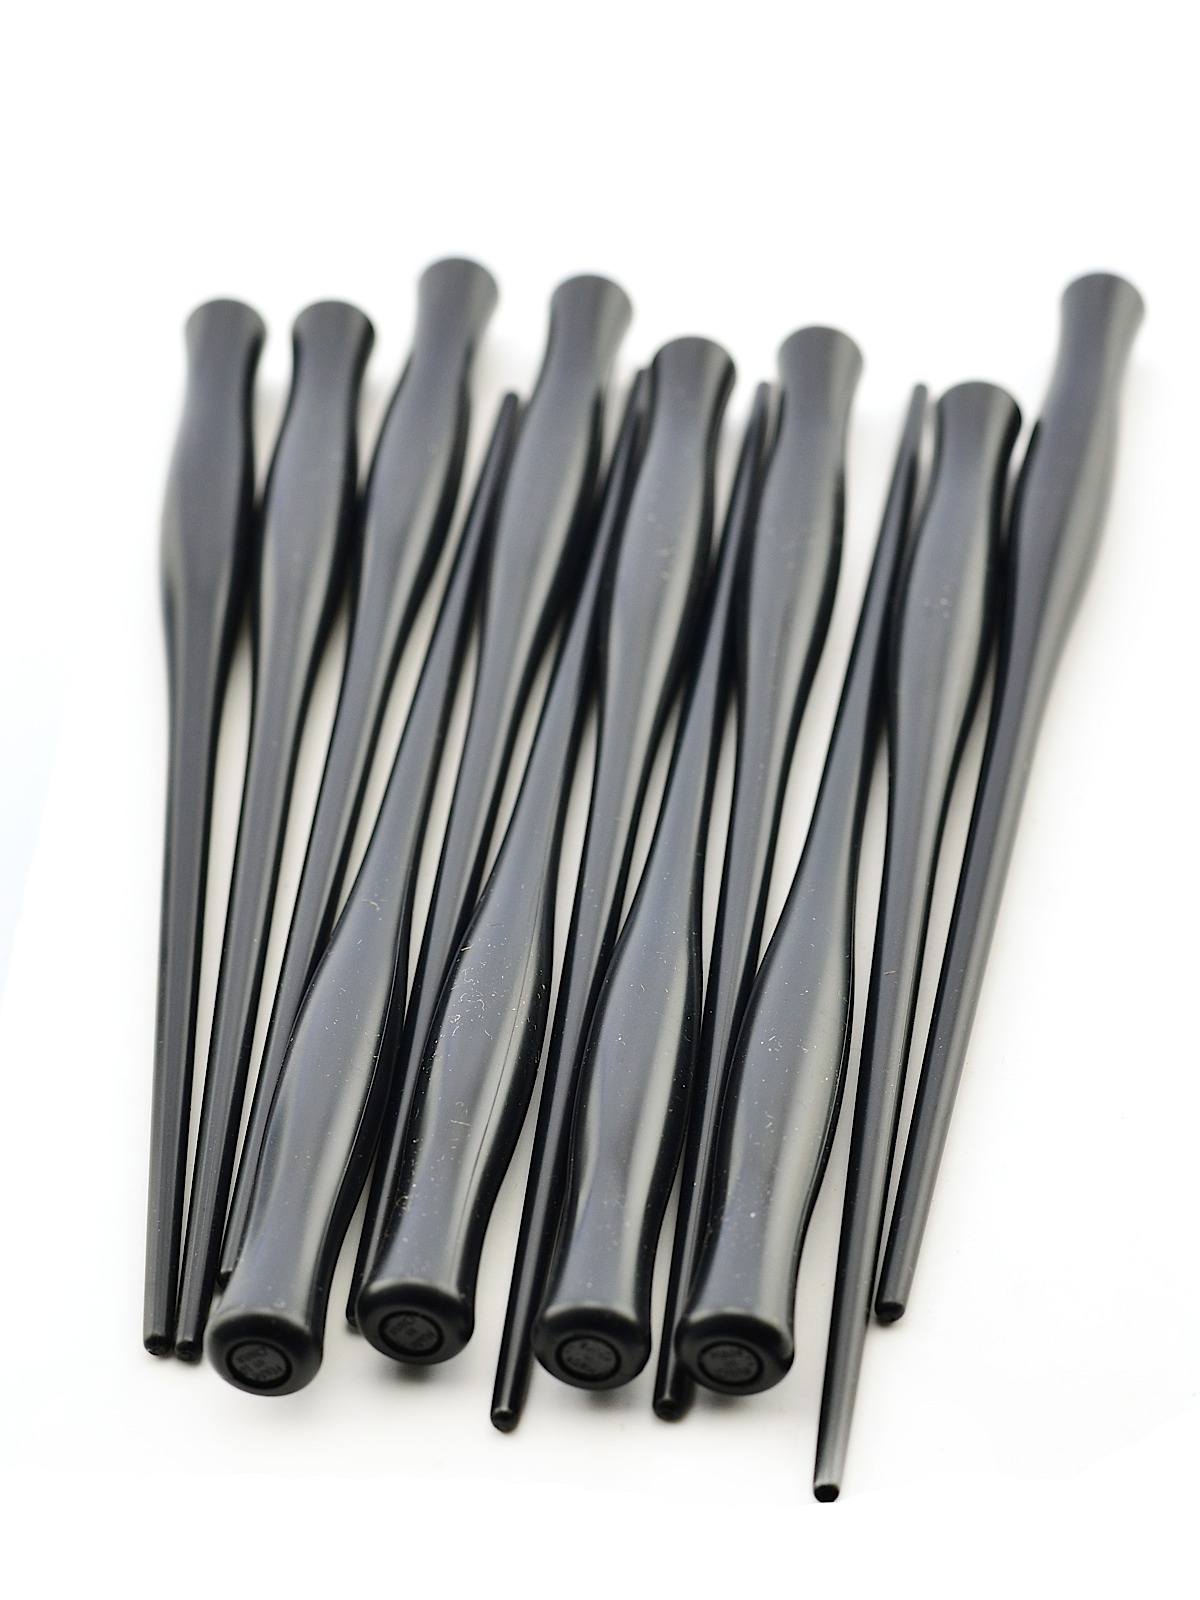 Speedball B Pen Nib Holders